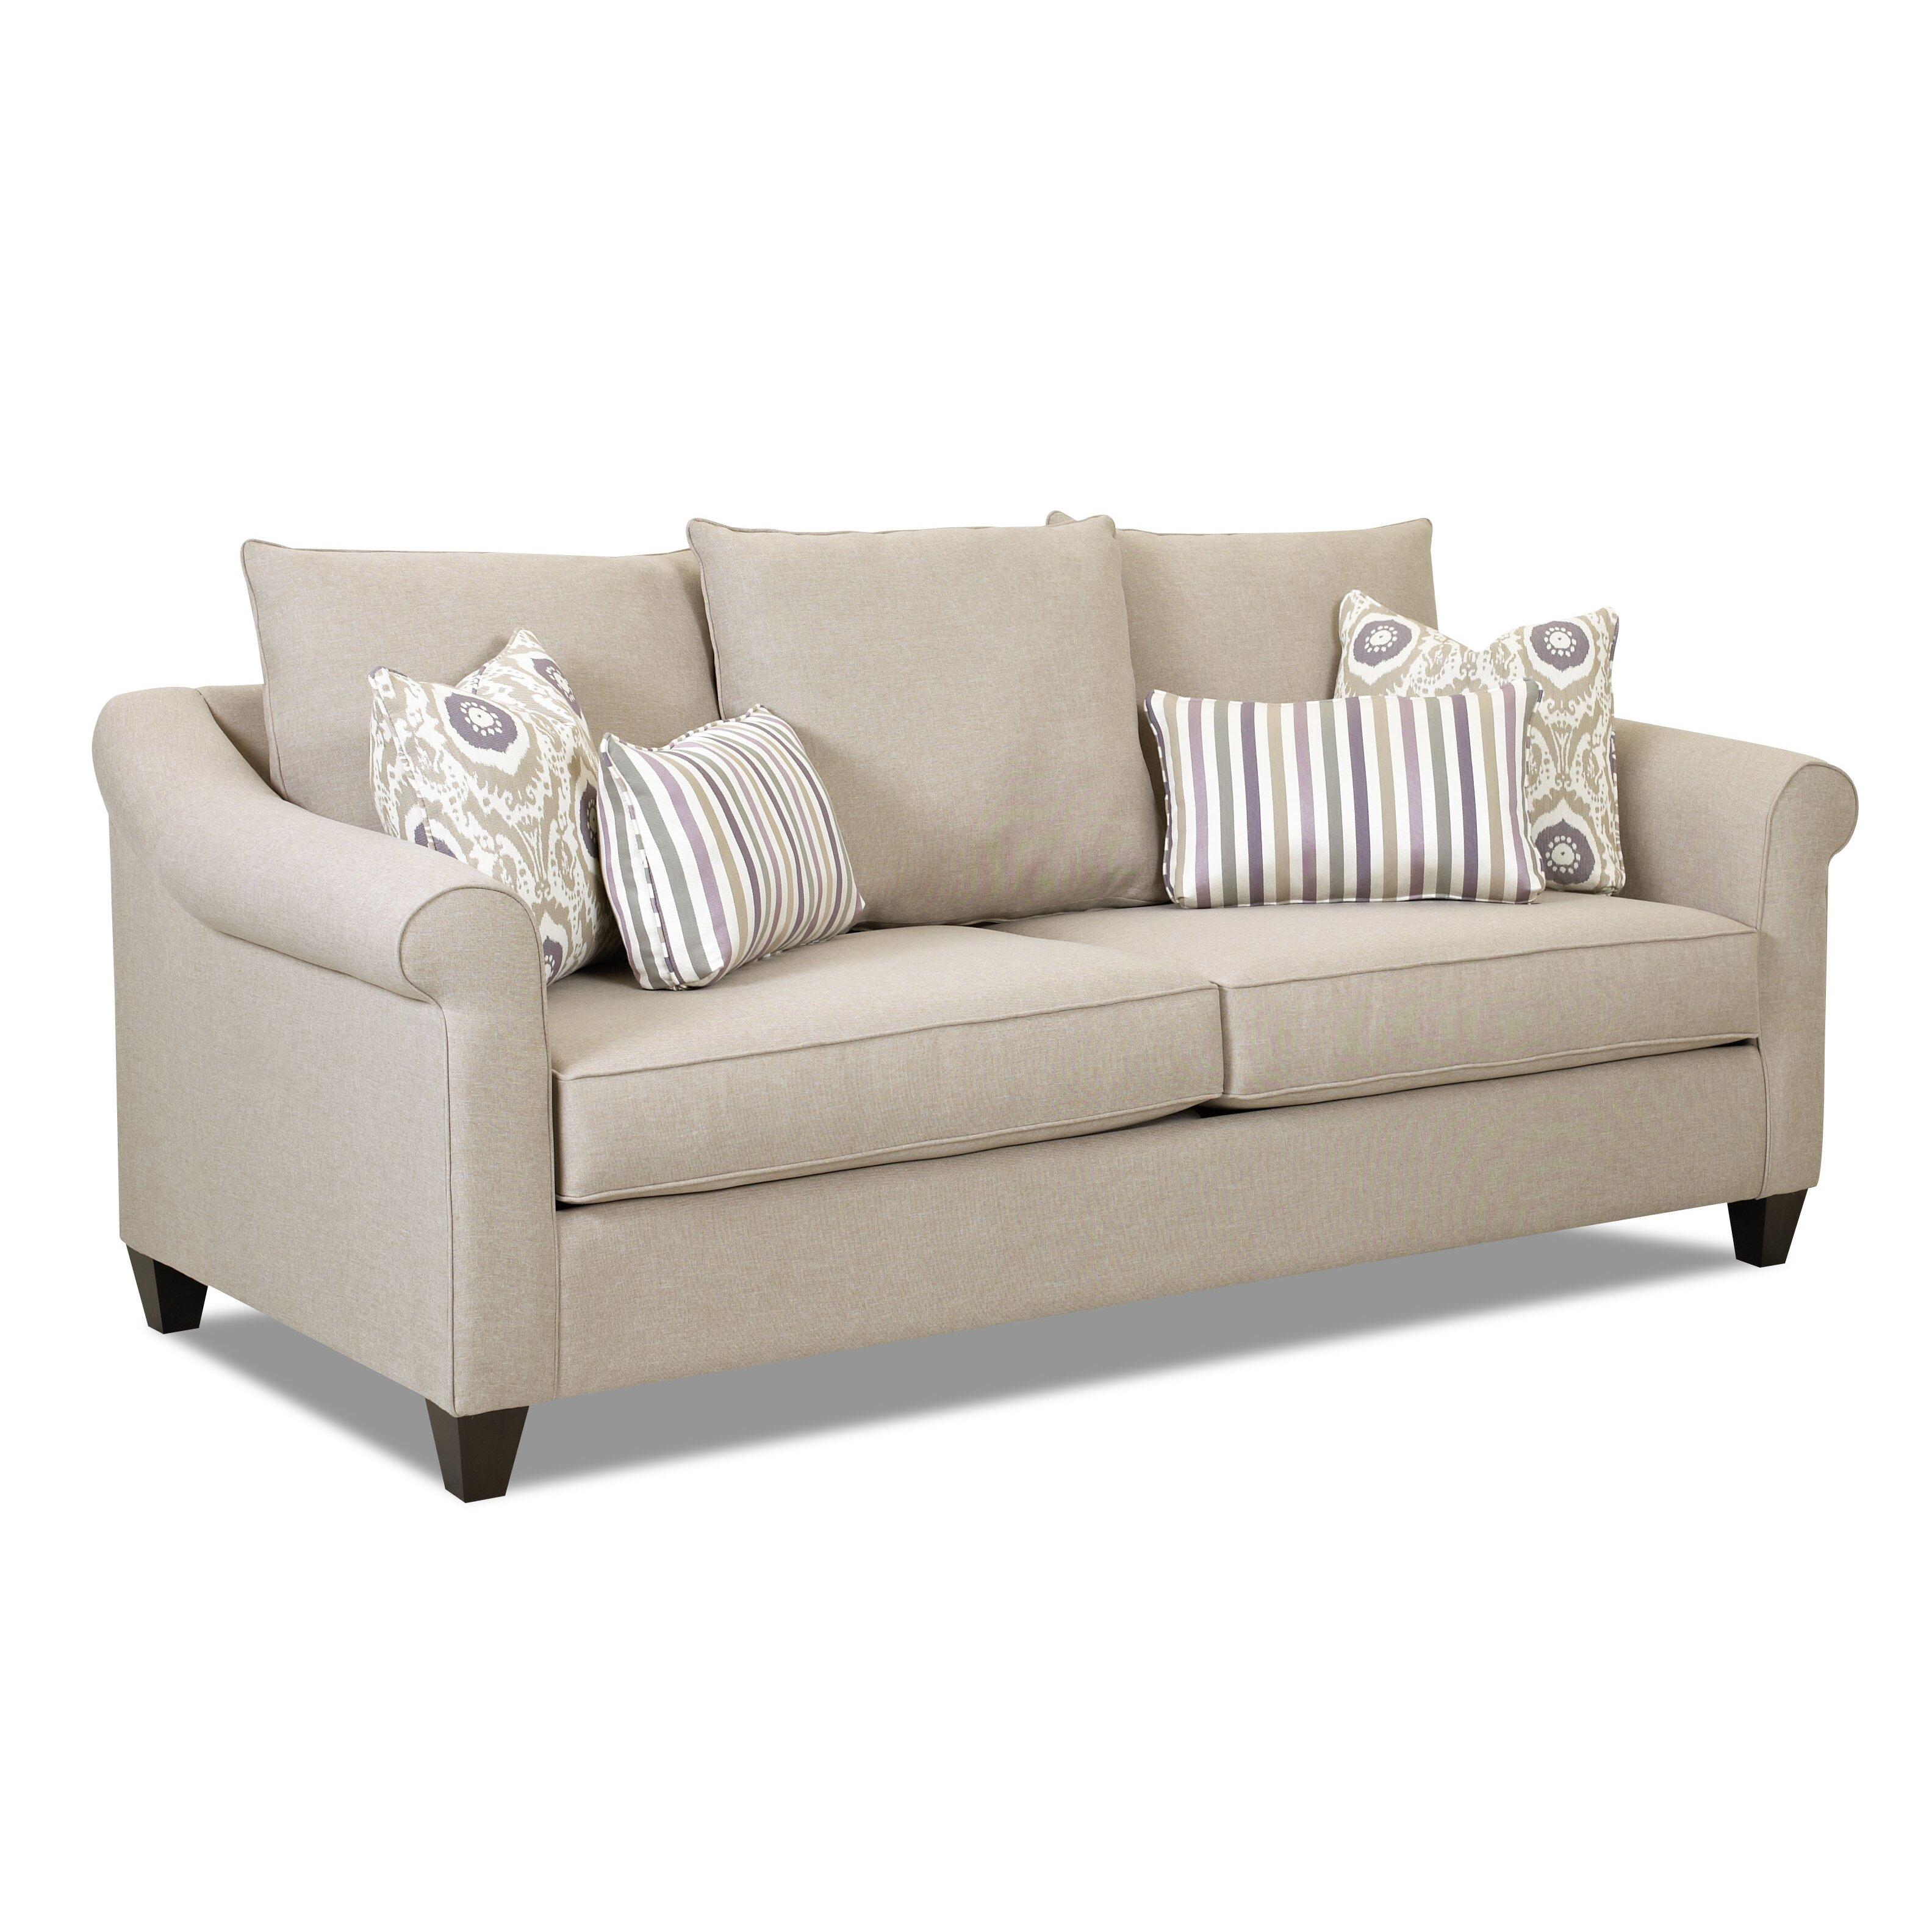 Klaussner furniture allen sofa reviews wayfair for Klaussner sofa